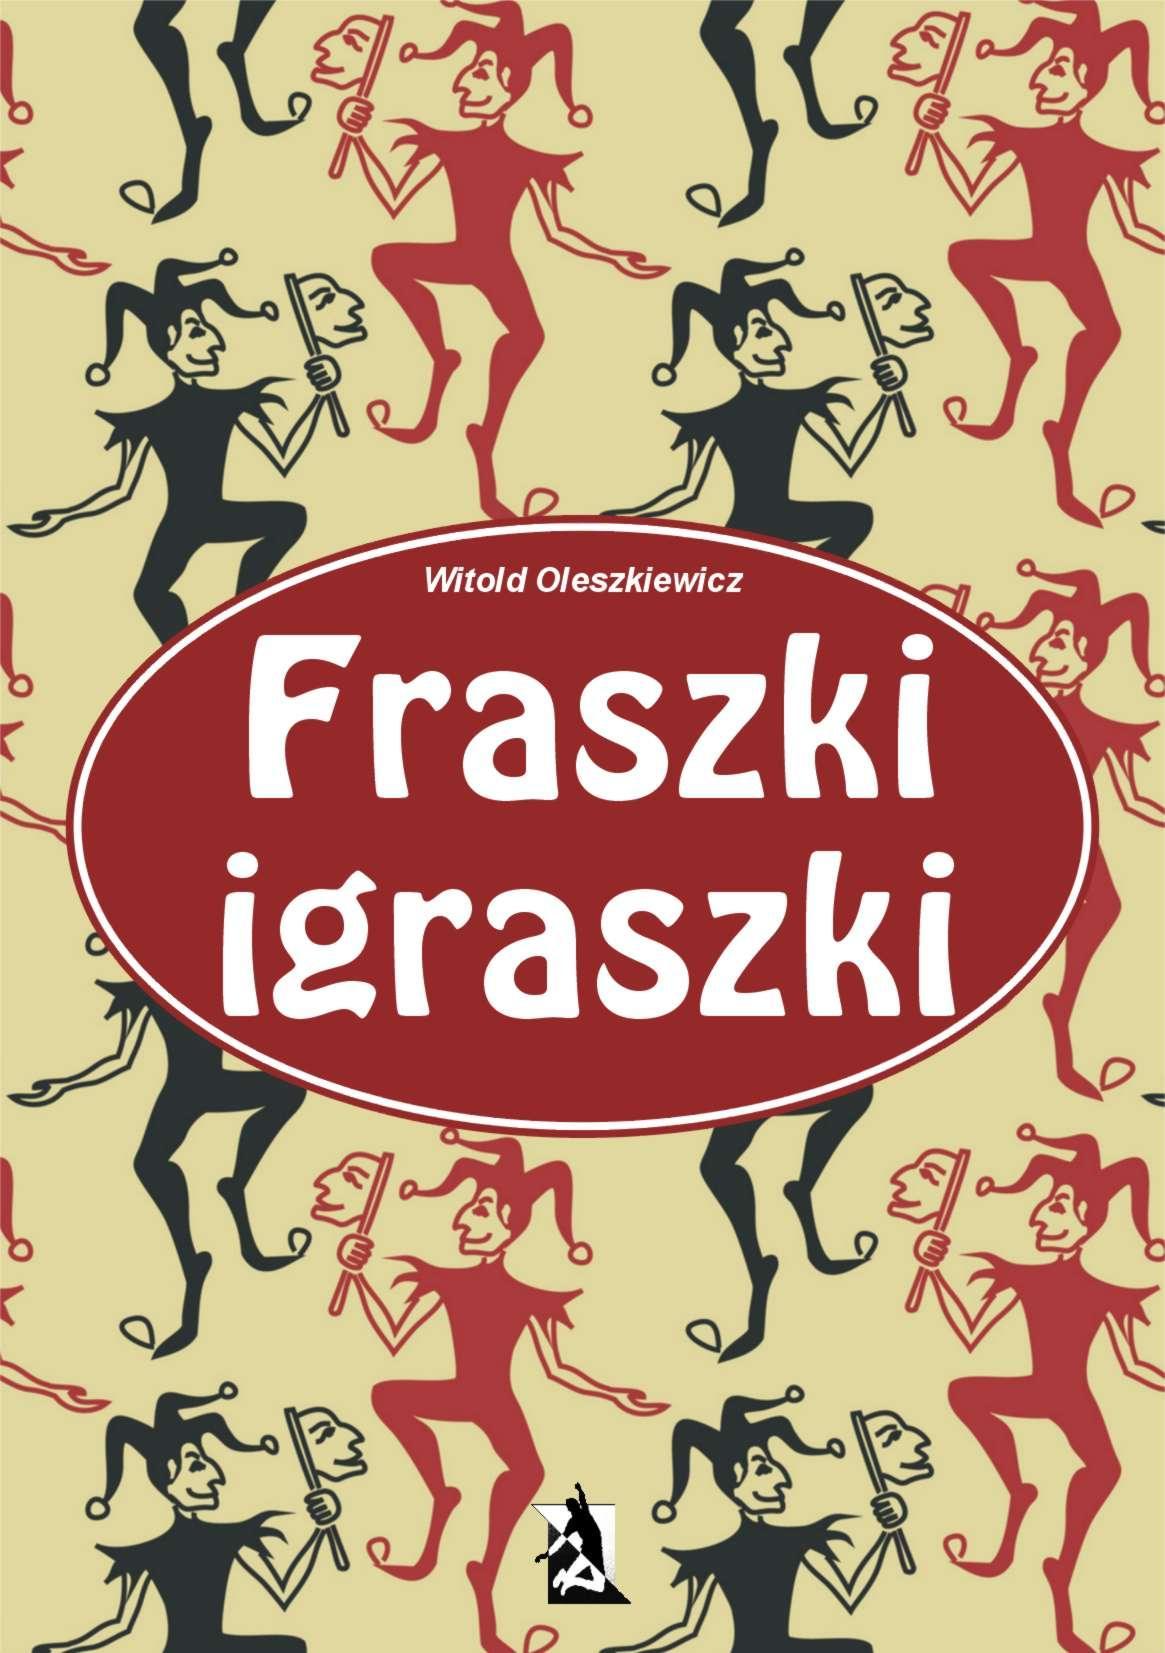 Fraszki igraszki - Ebook (Książka EPUB) do pobrania w formacie EPUB